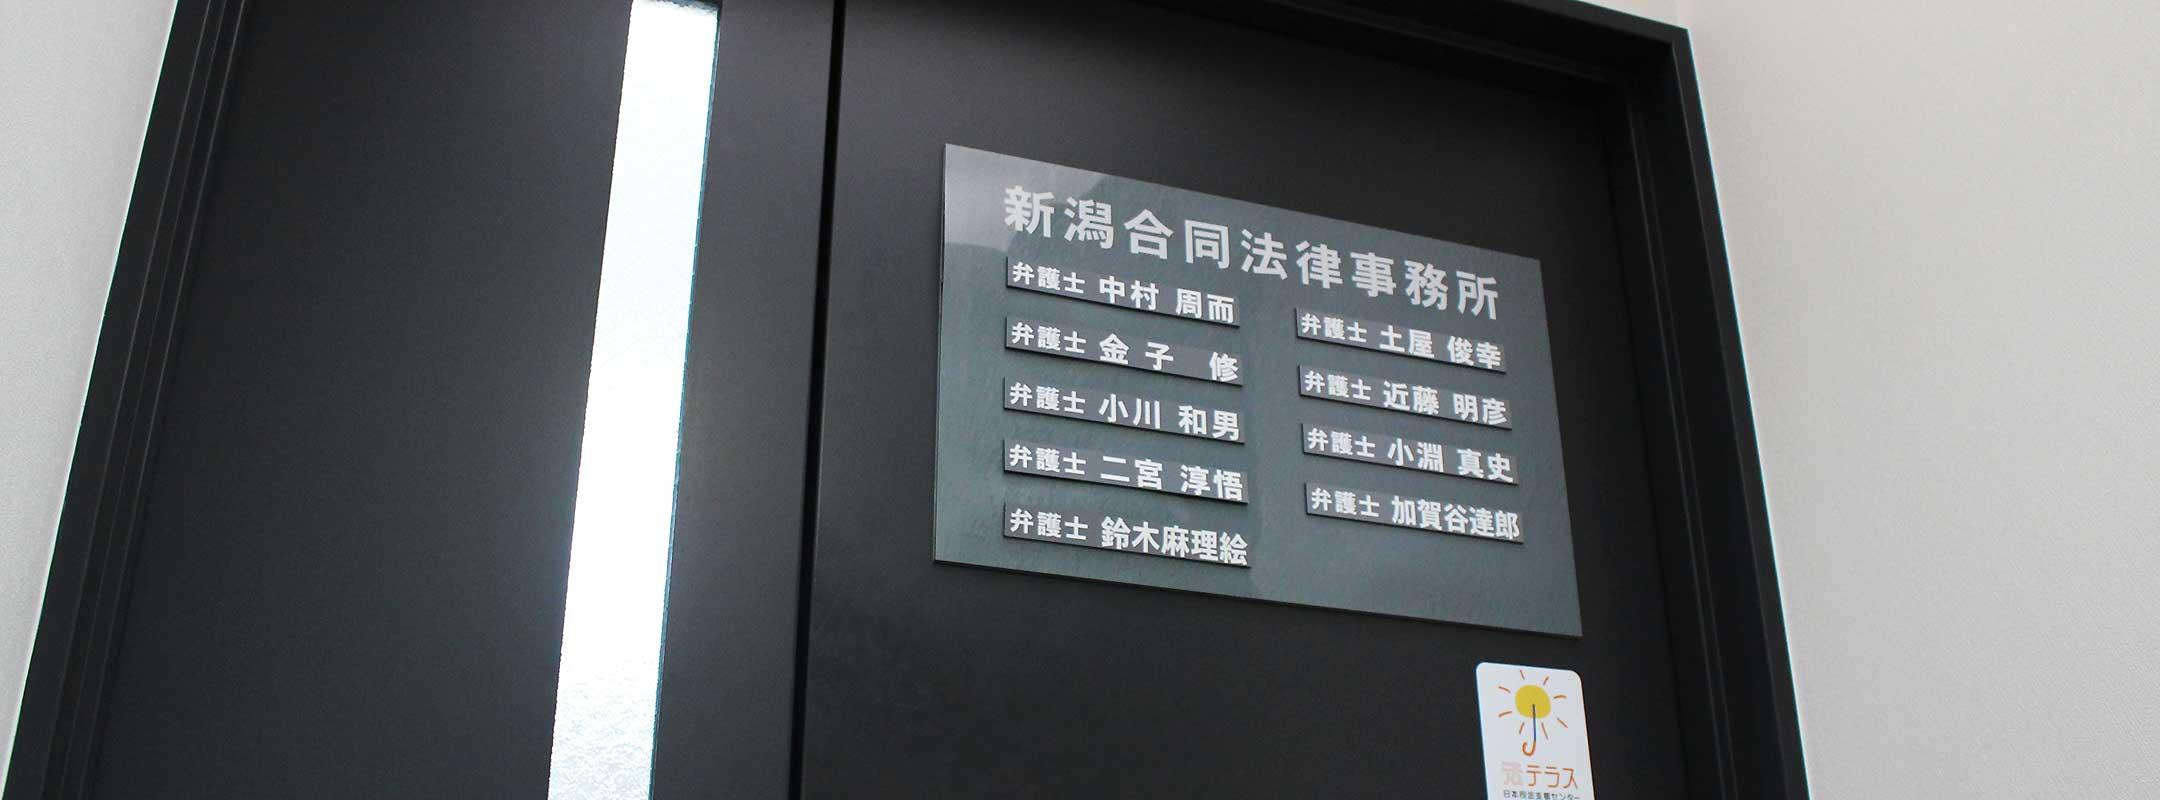 新潟合同法律事務所 玄関